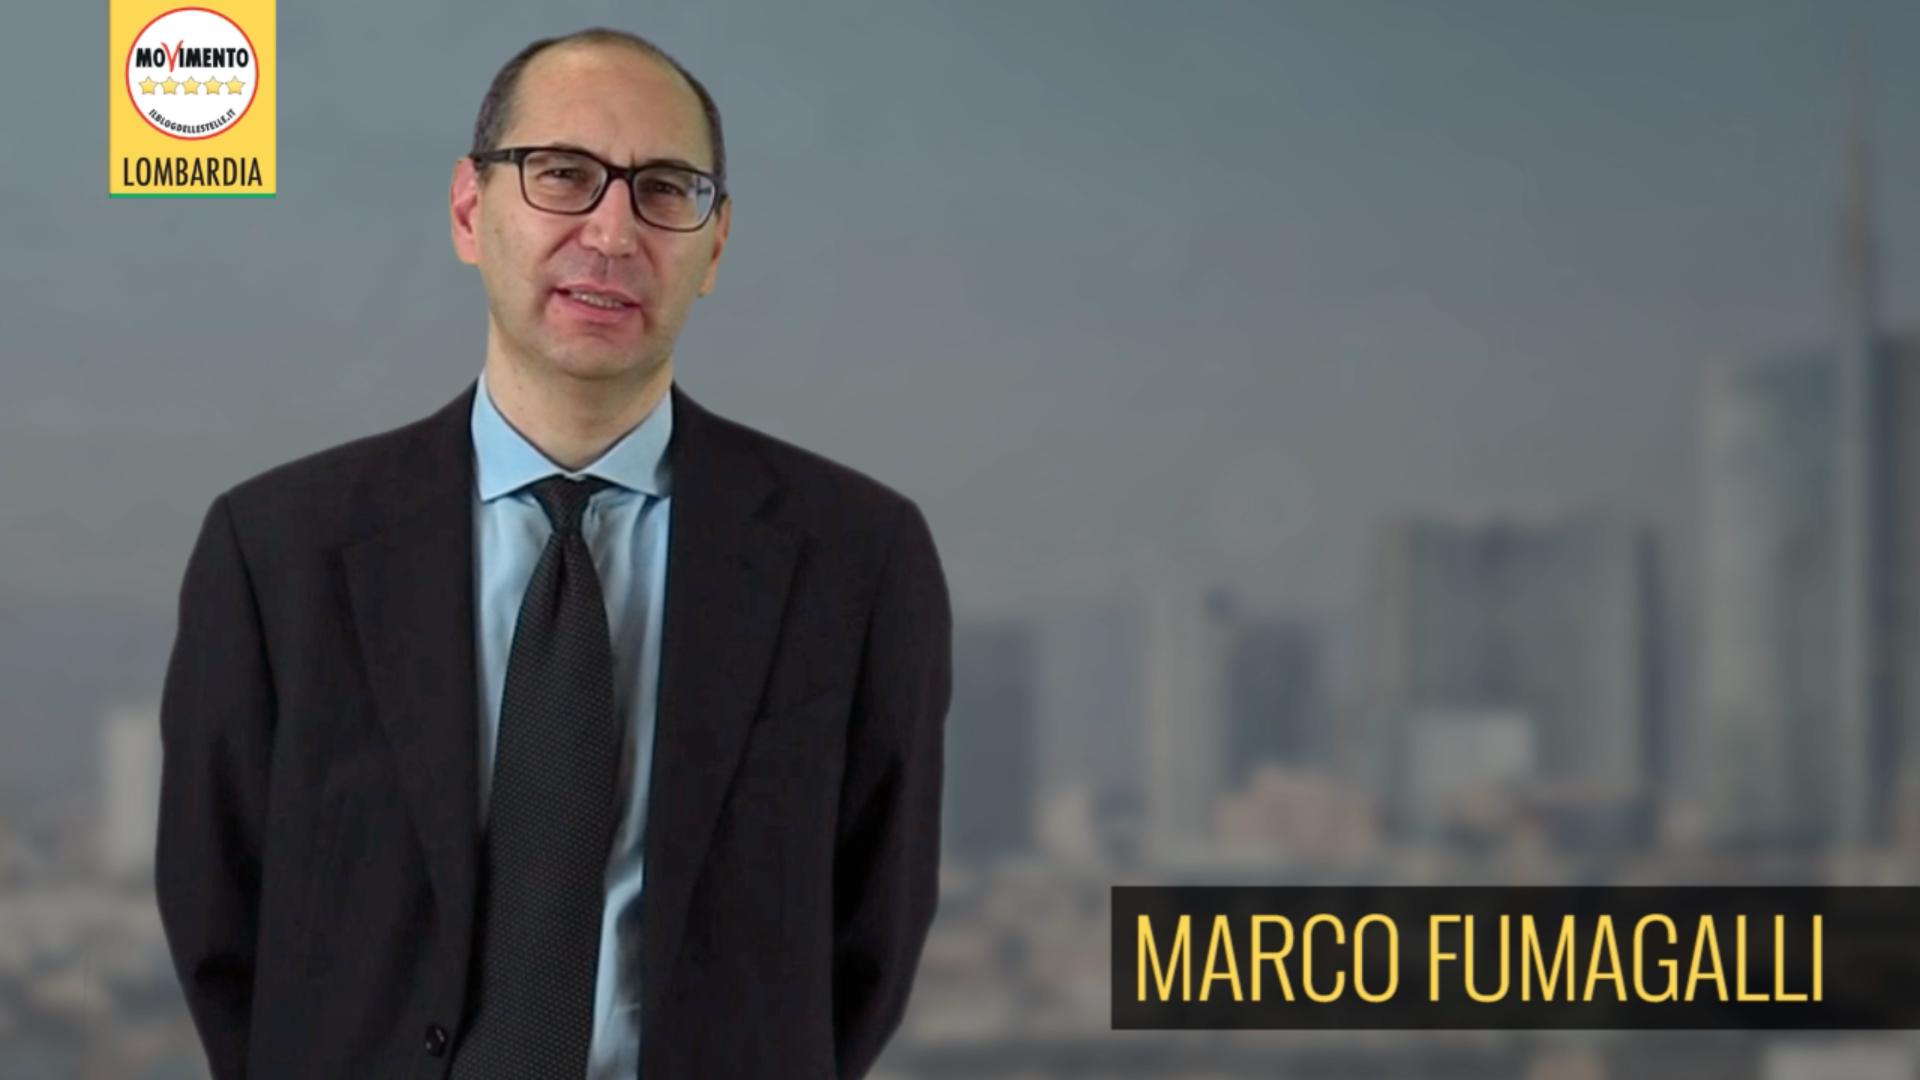 Conosciamo i consiglieri regionali: Marco Fumagalli